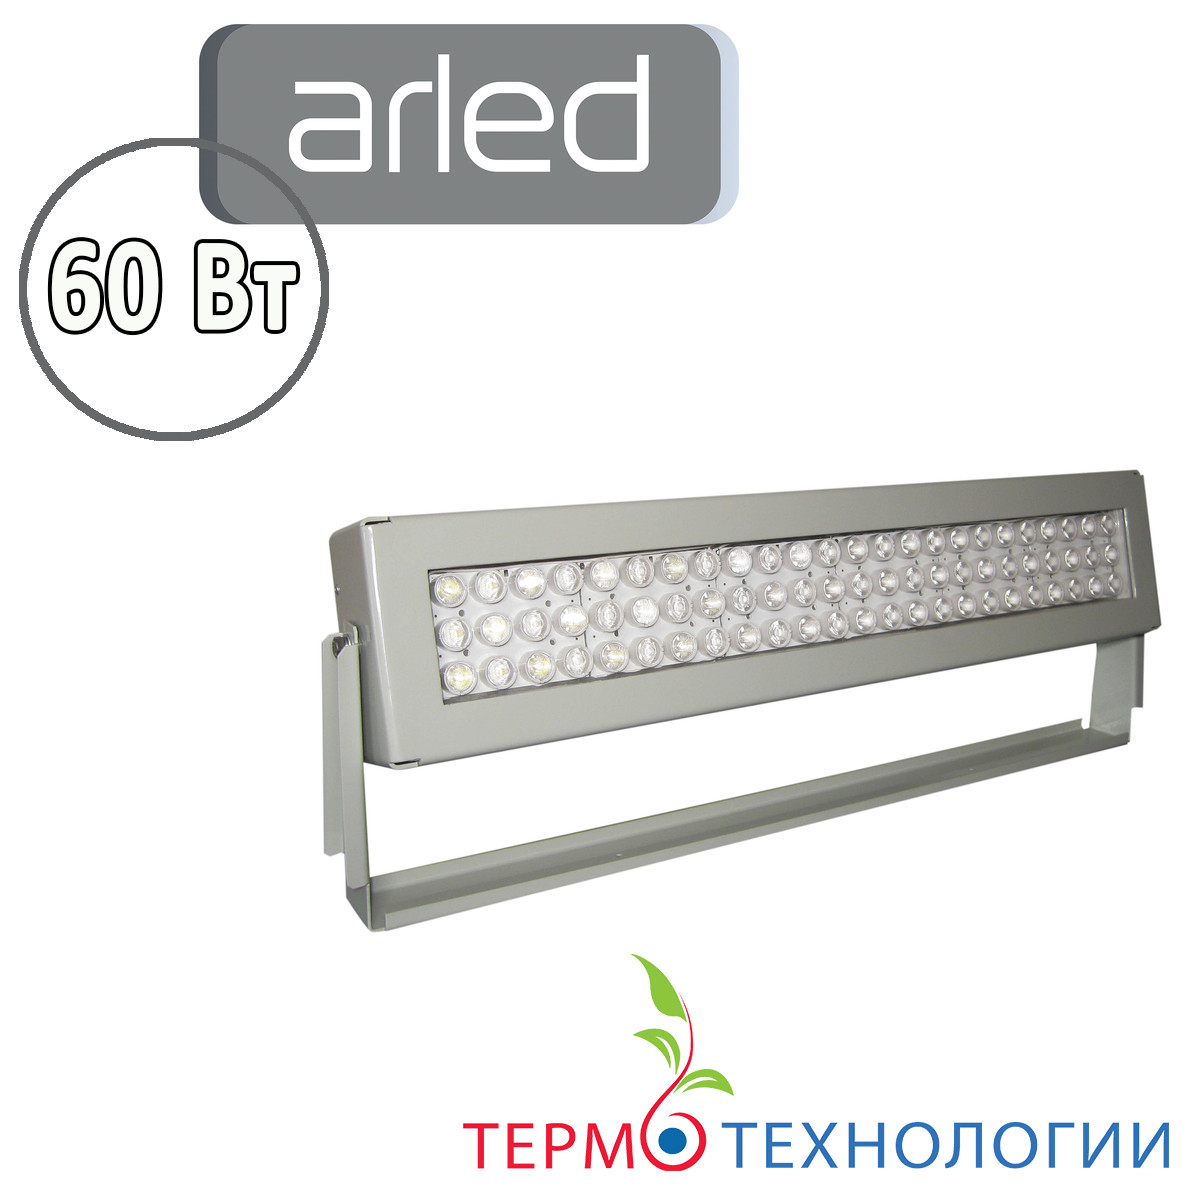 Светодиодный светильник Arled 60 Вт